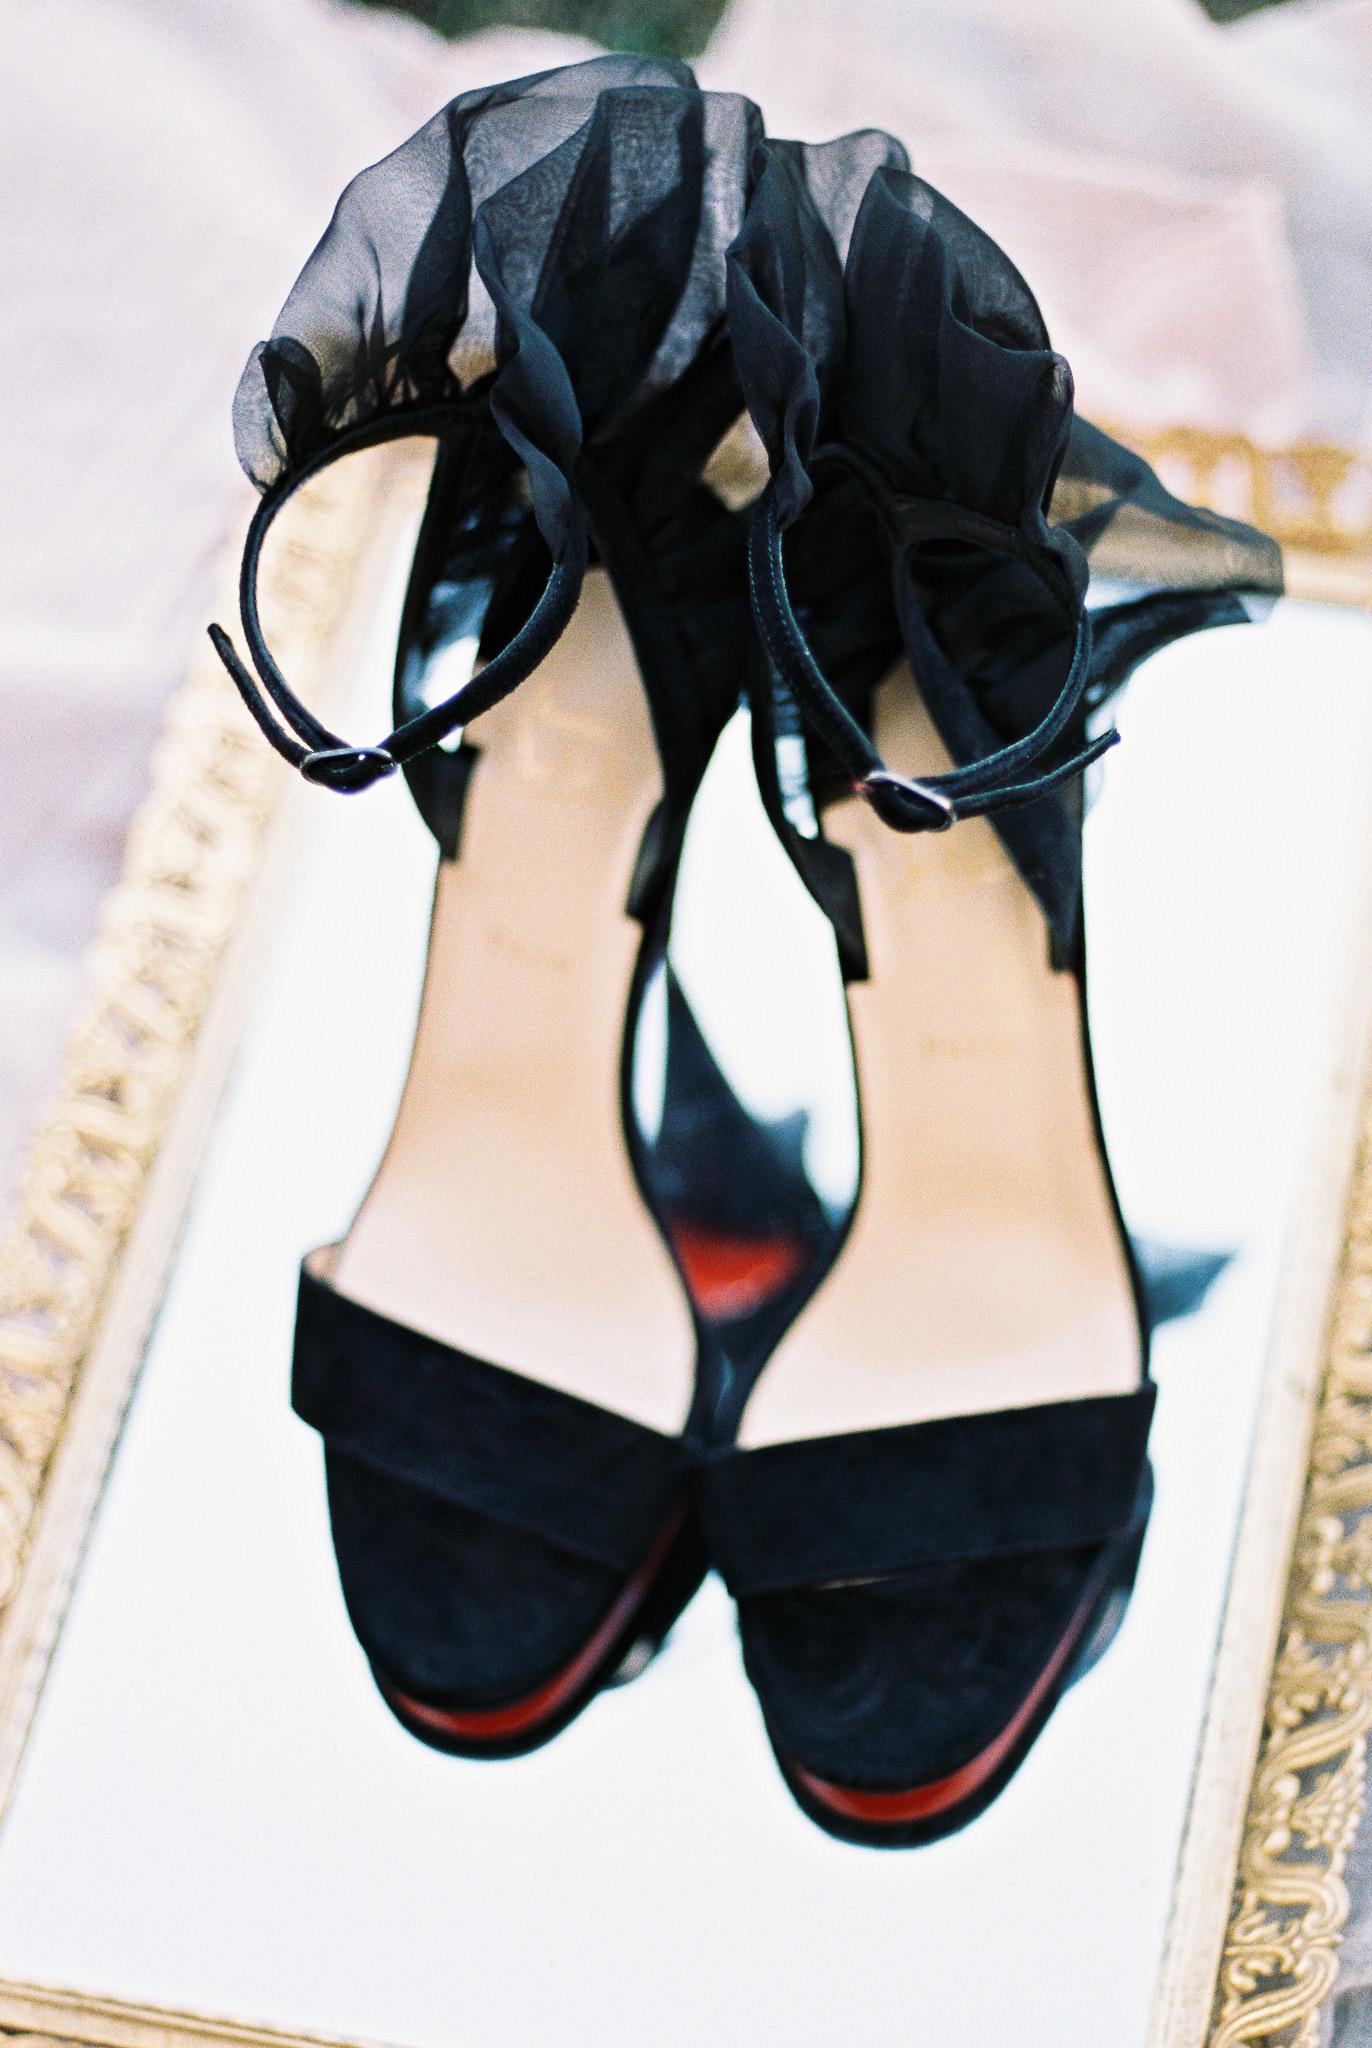 christian-louboutin-black-velvet-strappy-heels